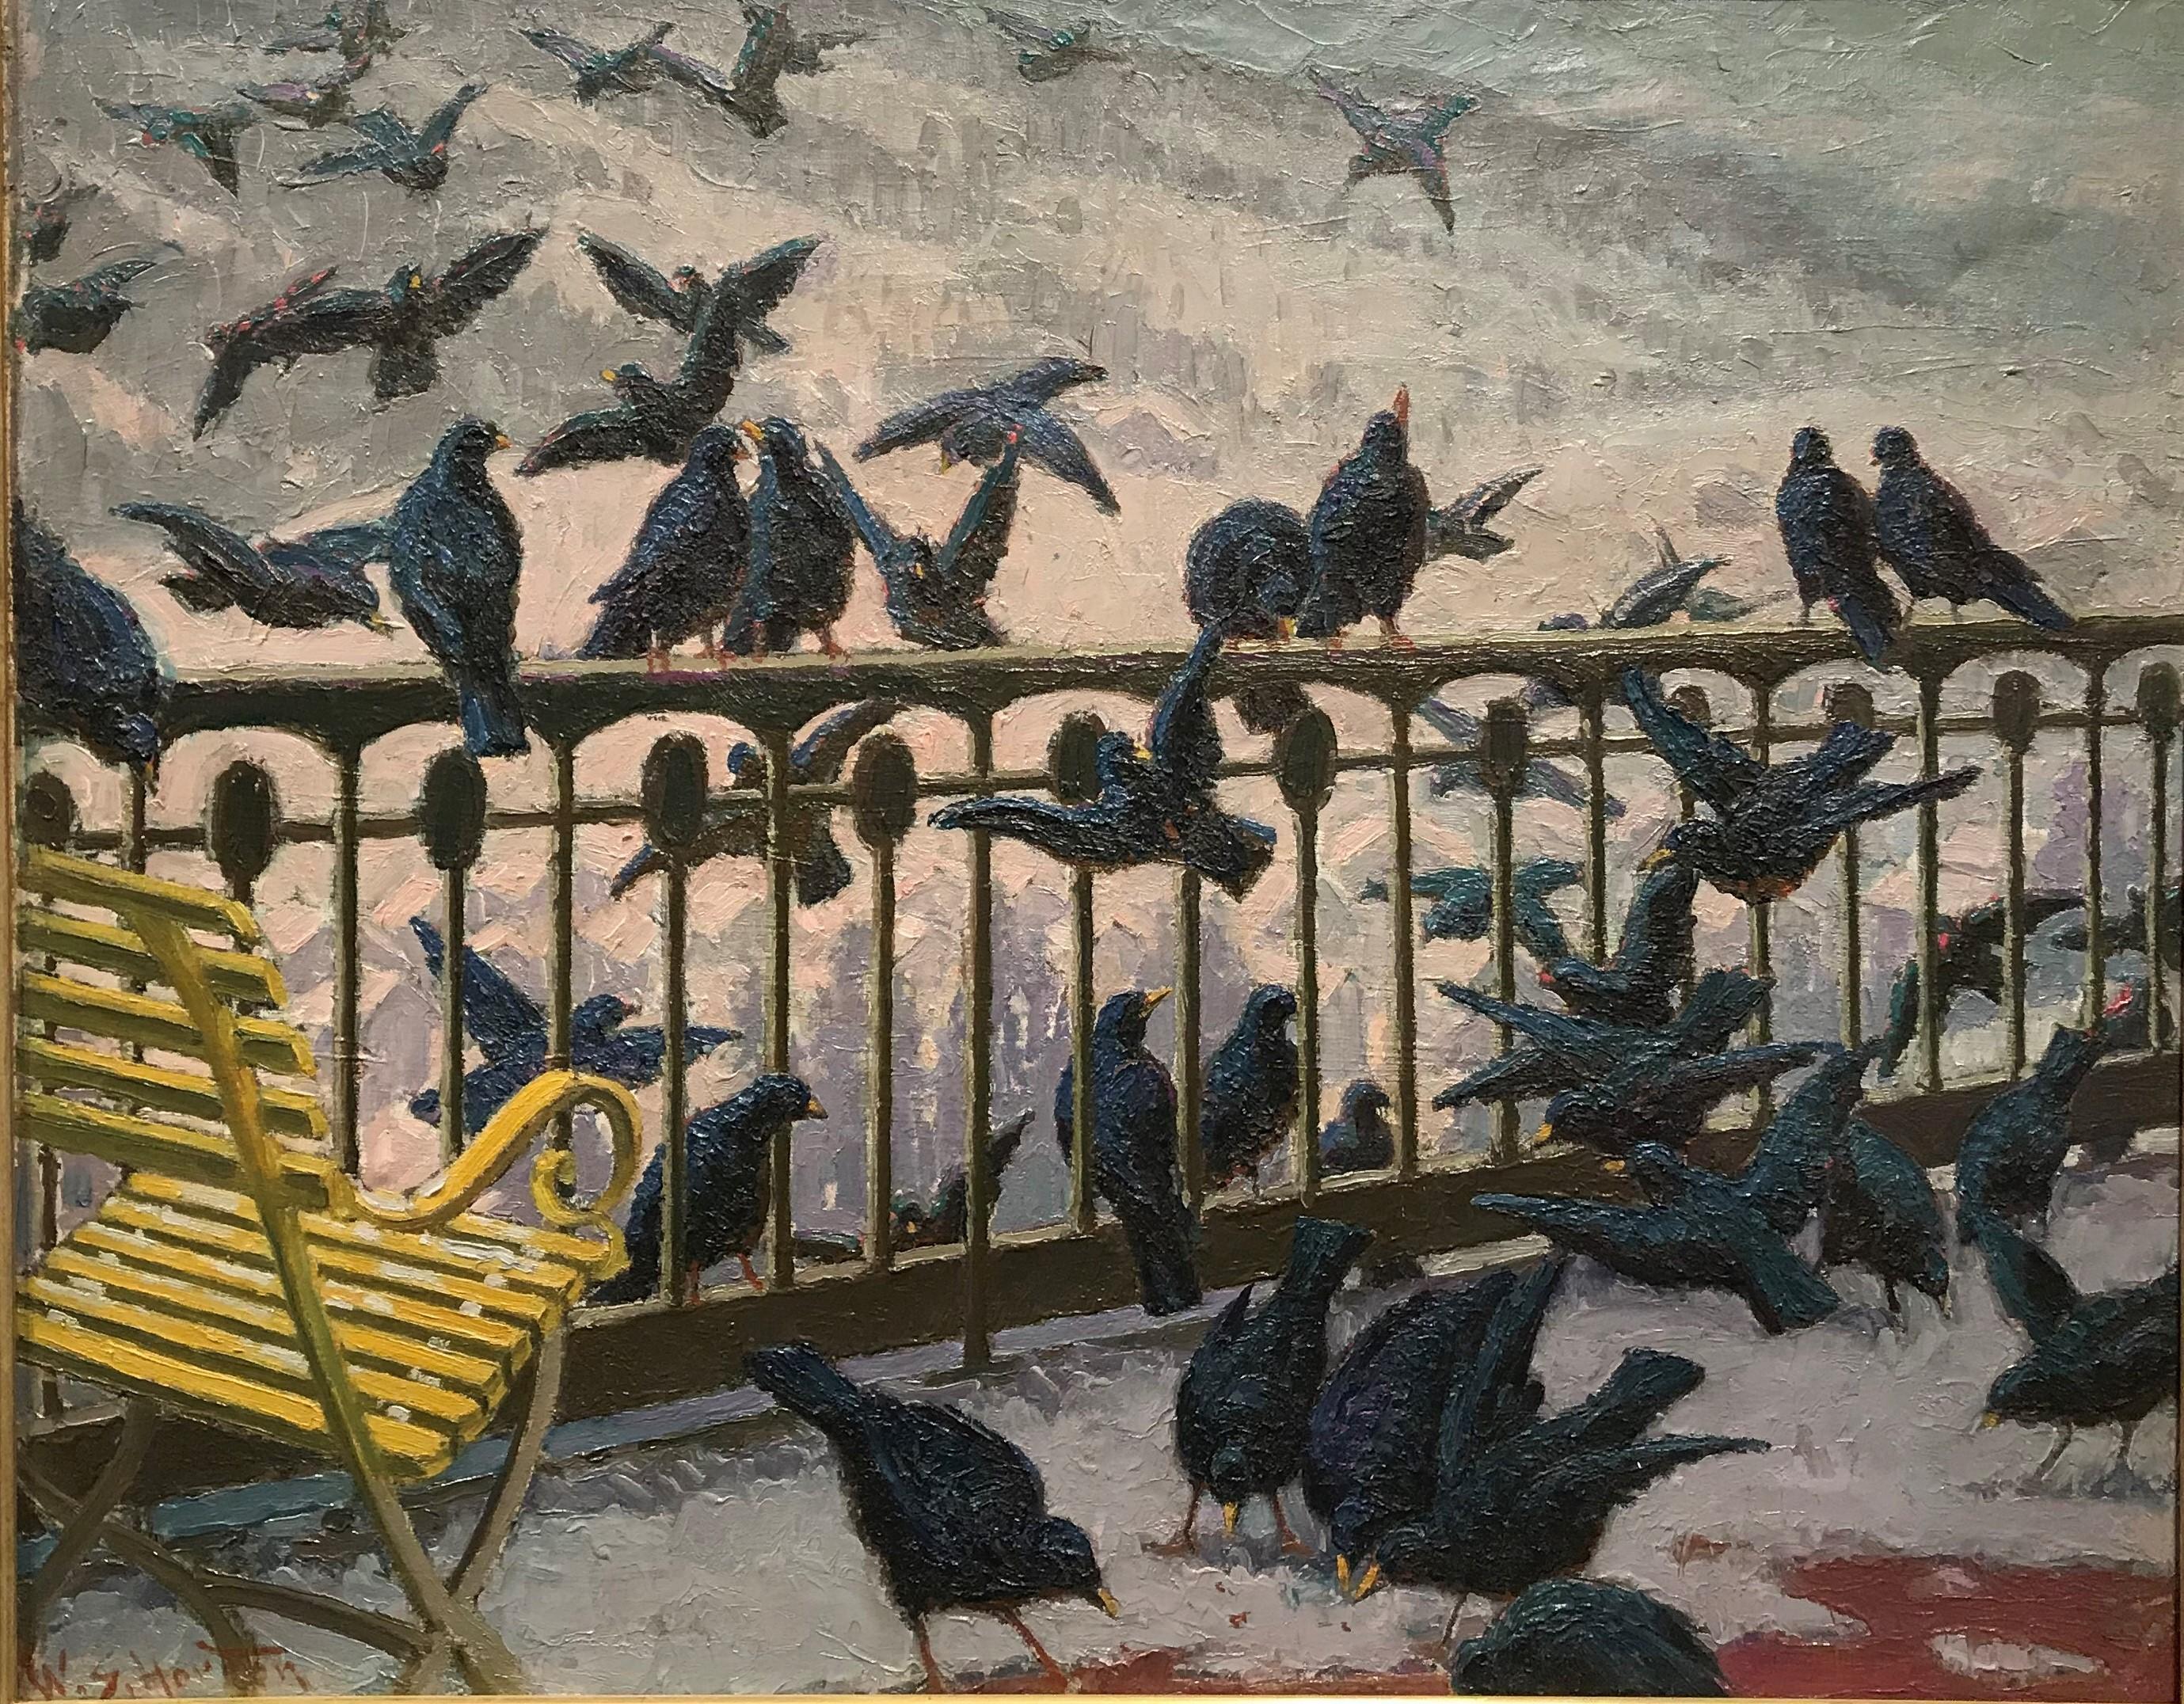 Birds on a Balcony, Switzerland, American Impressionism